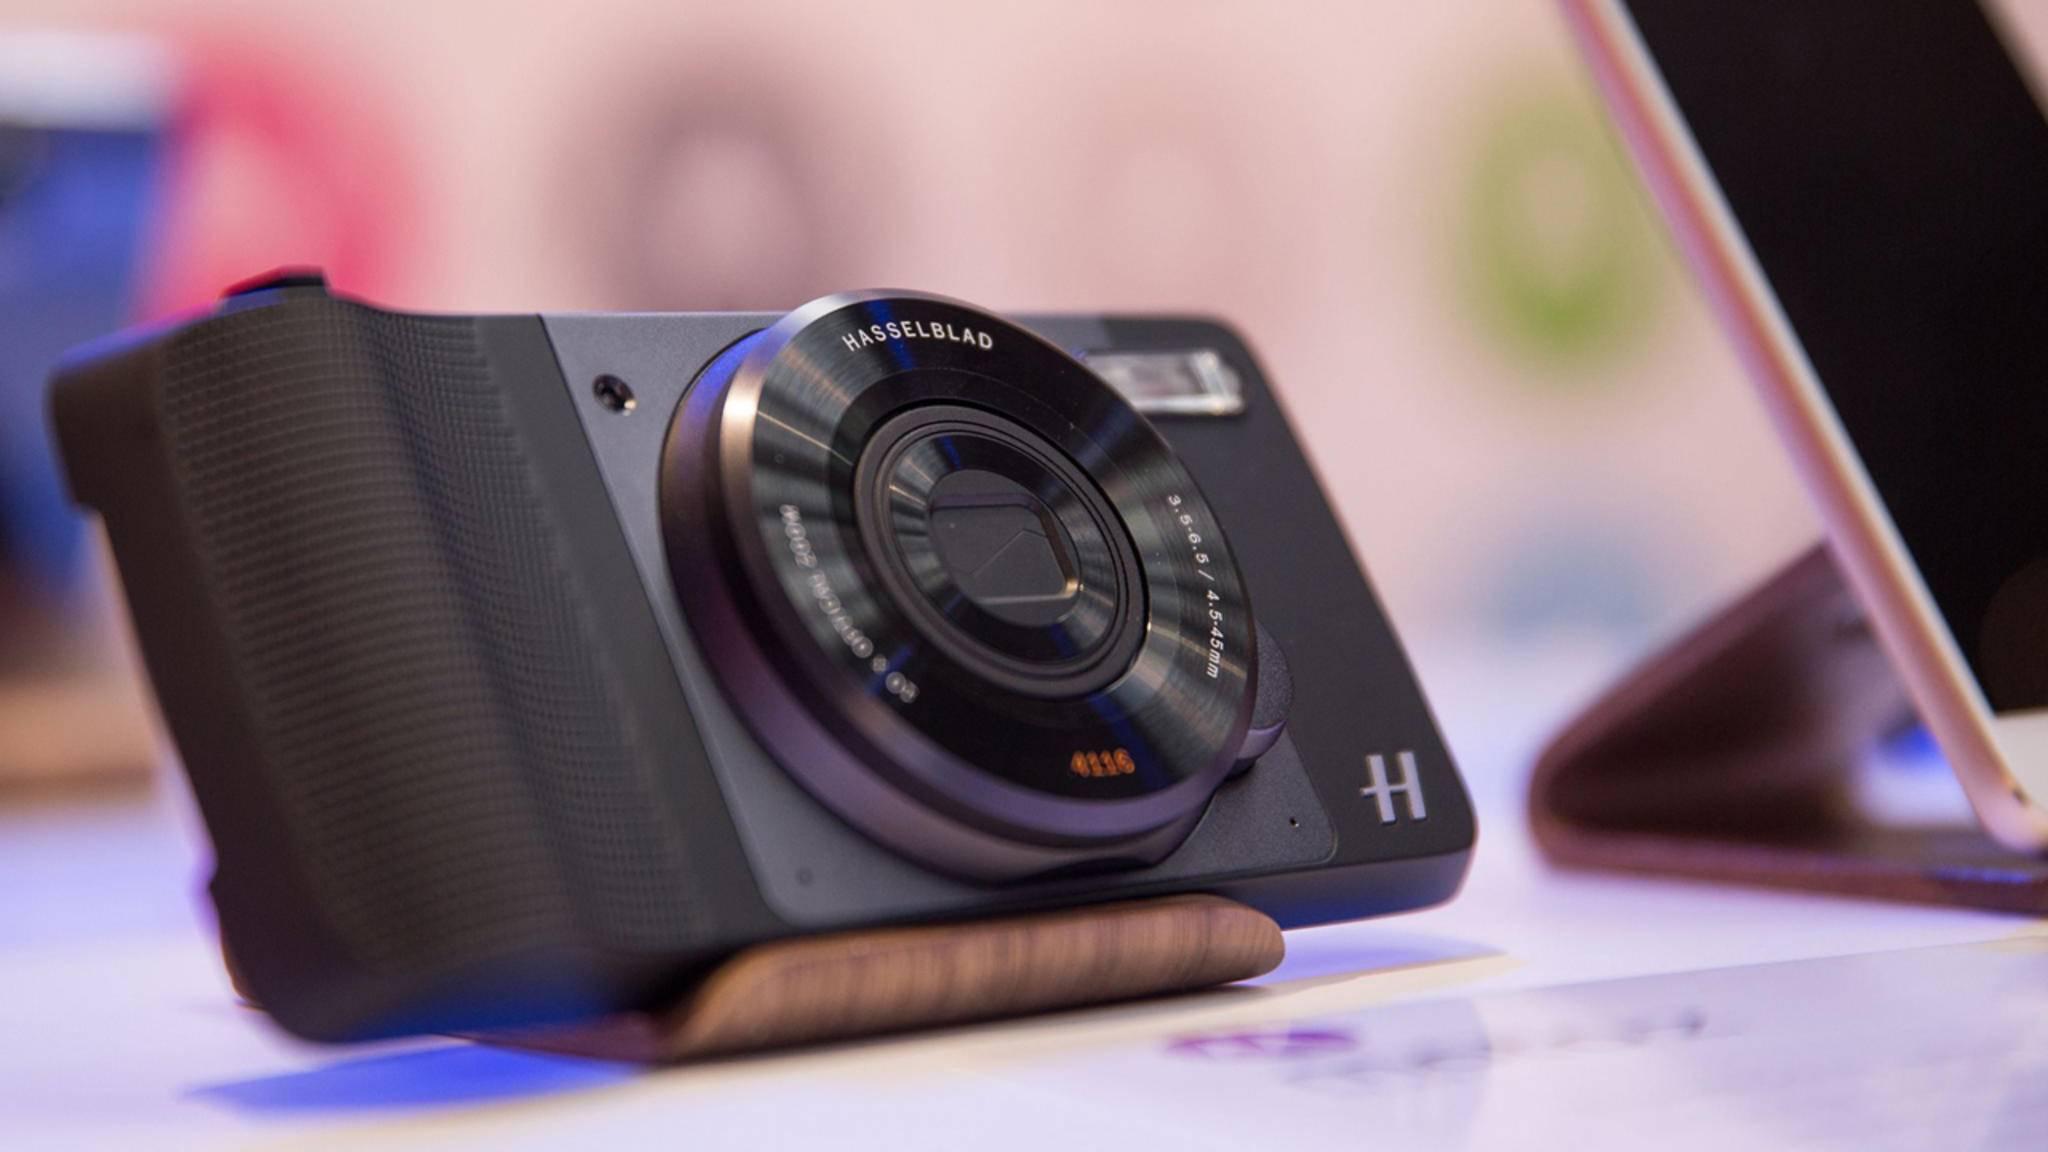 Die Hasselblad-Kameralinse zum Aufstecken ist nur einer von vielen möglichen Moto Mods, mit denen sich die Funktionalität von Motorola-Smartphones erweitern lässt.